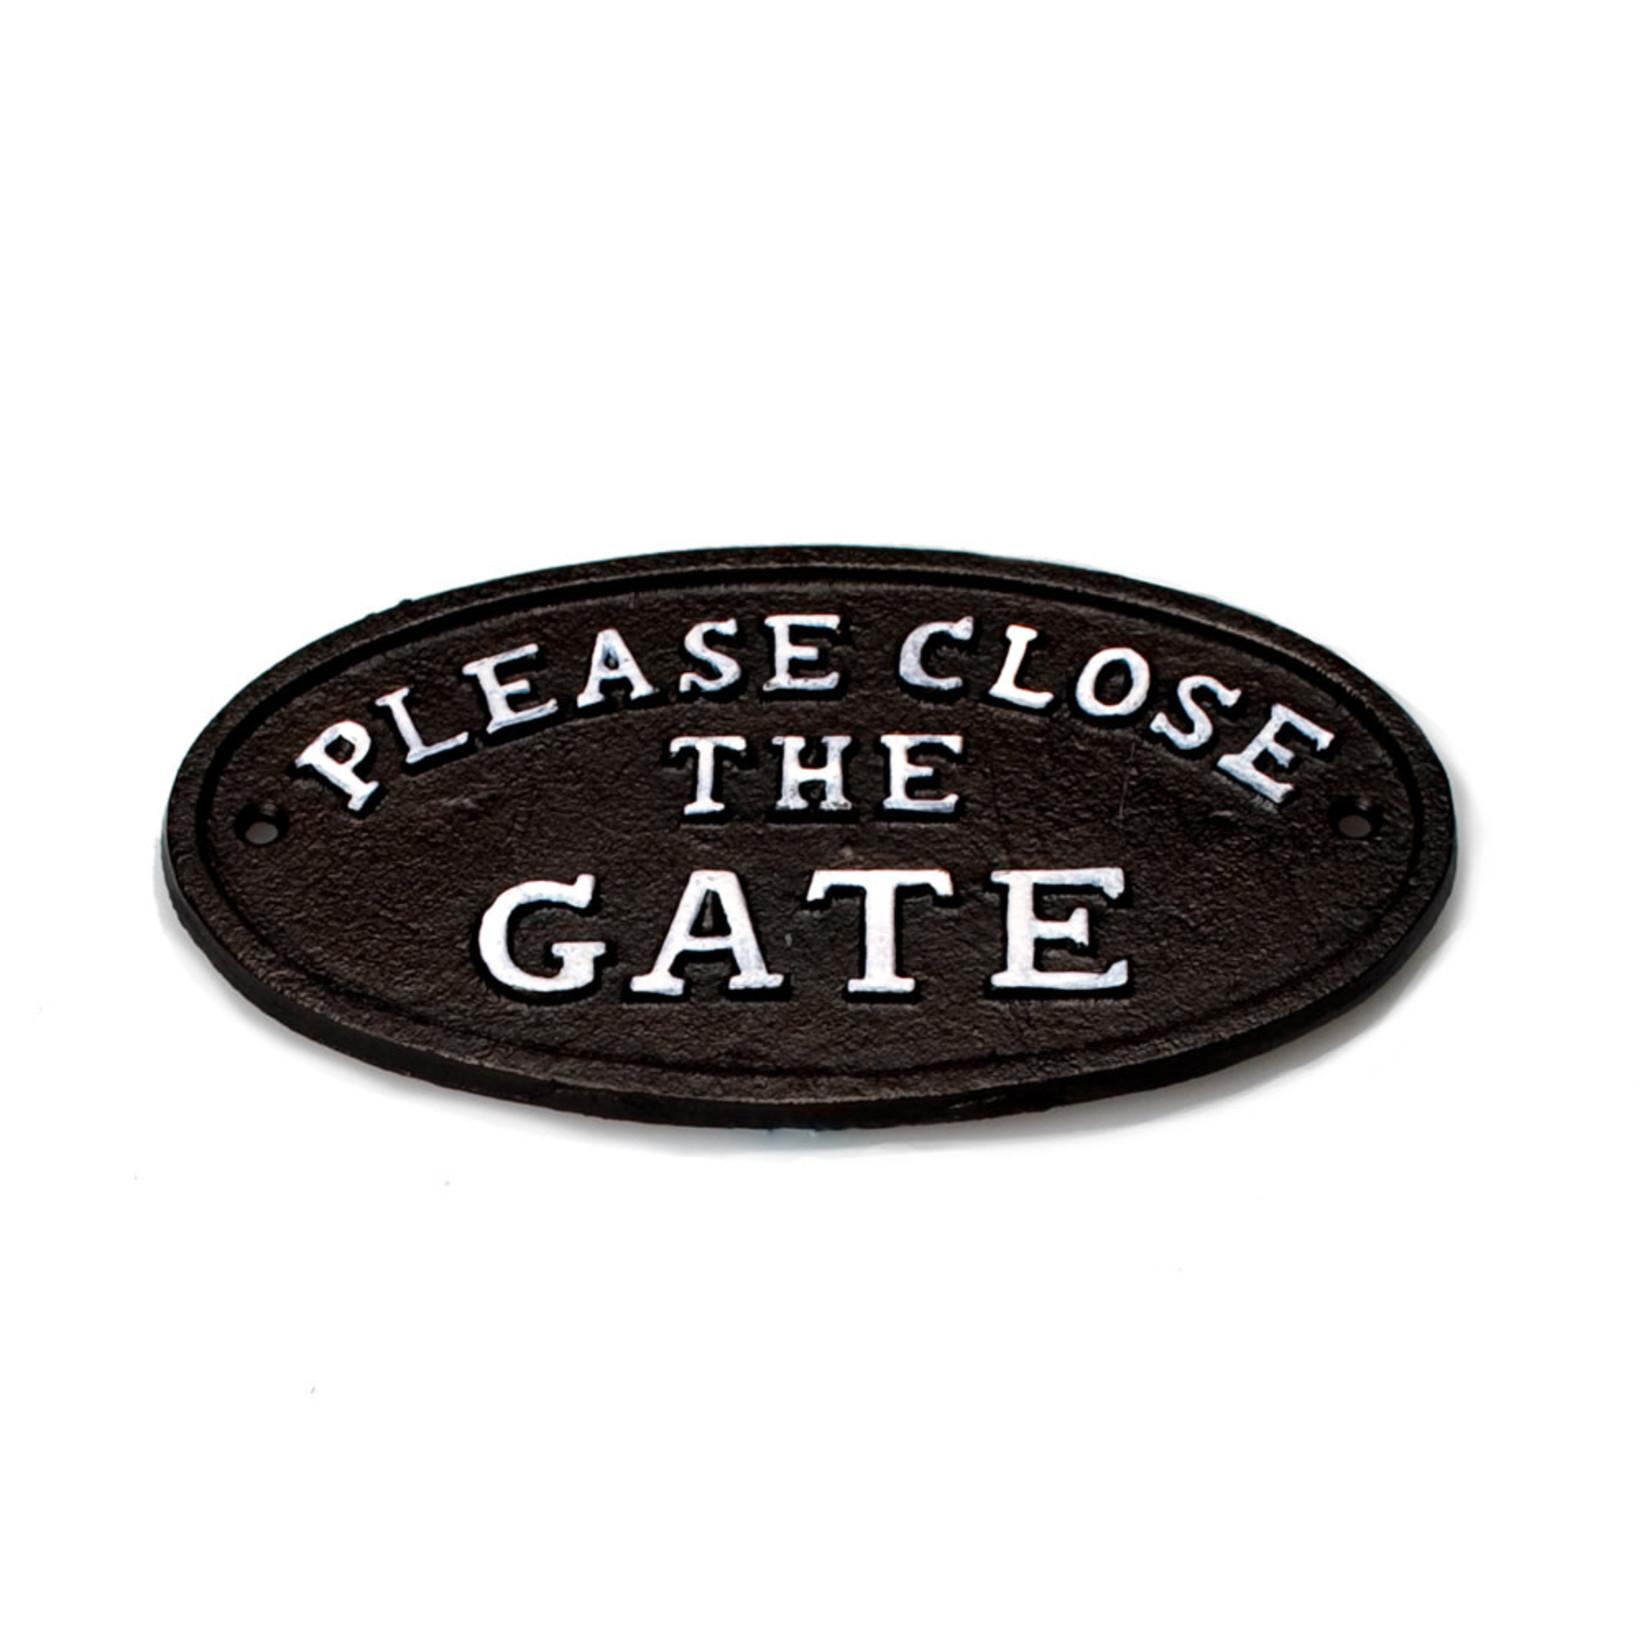 FT Pembroke Please close the gate cast iron sign